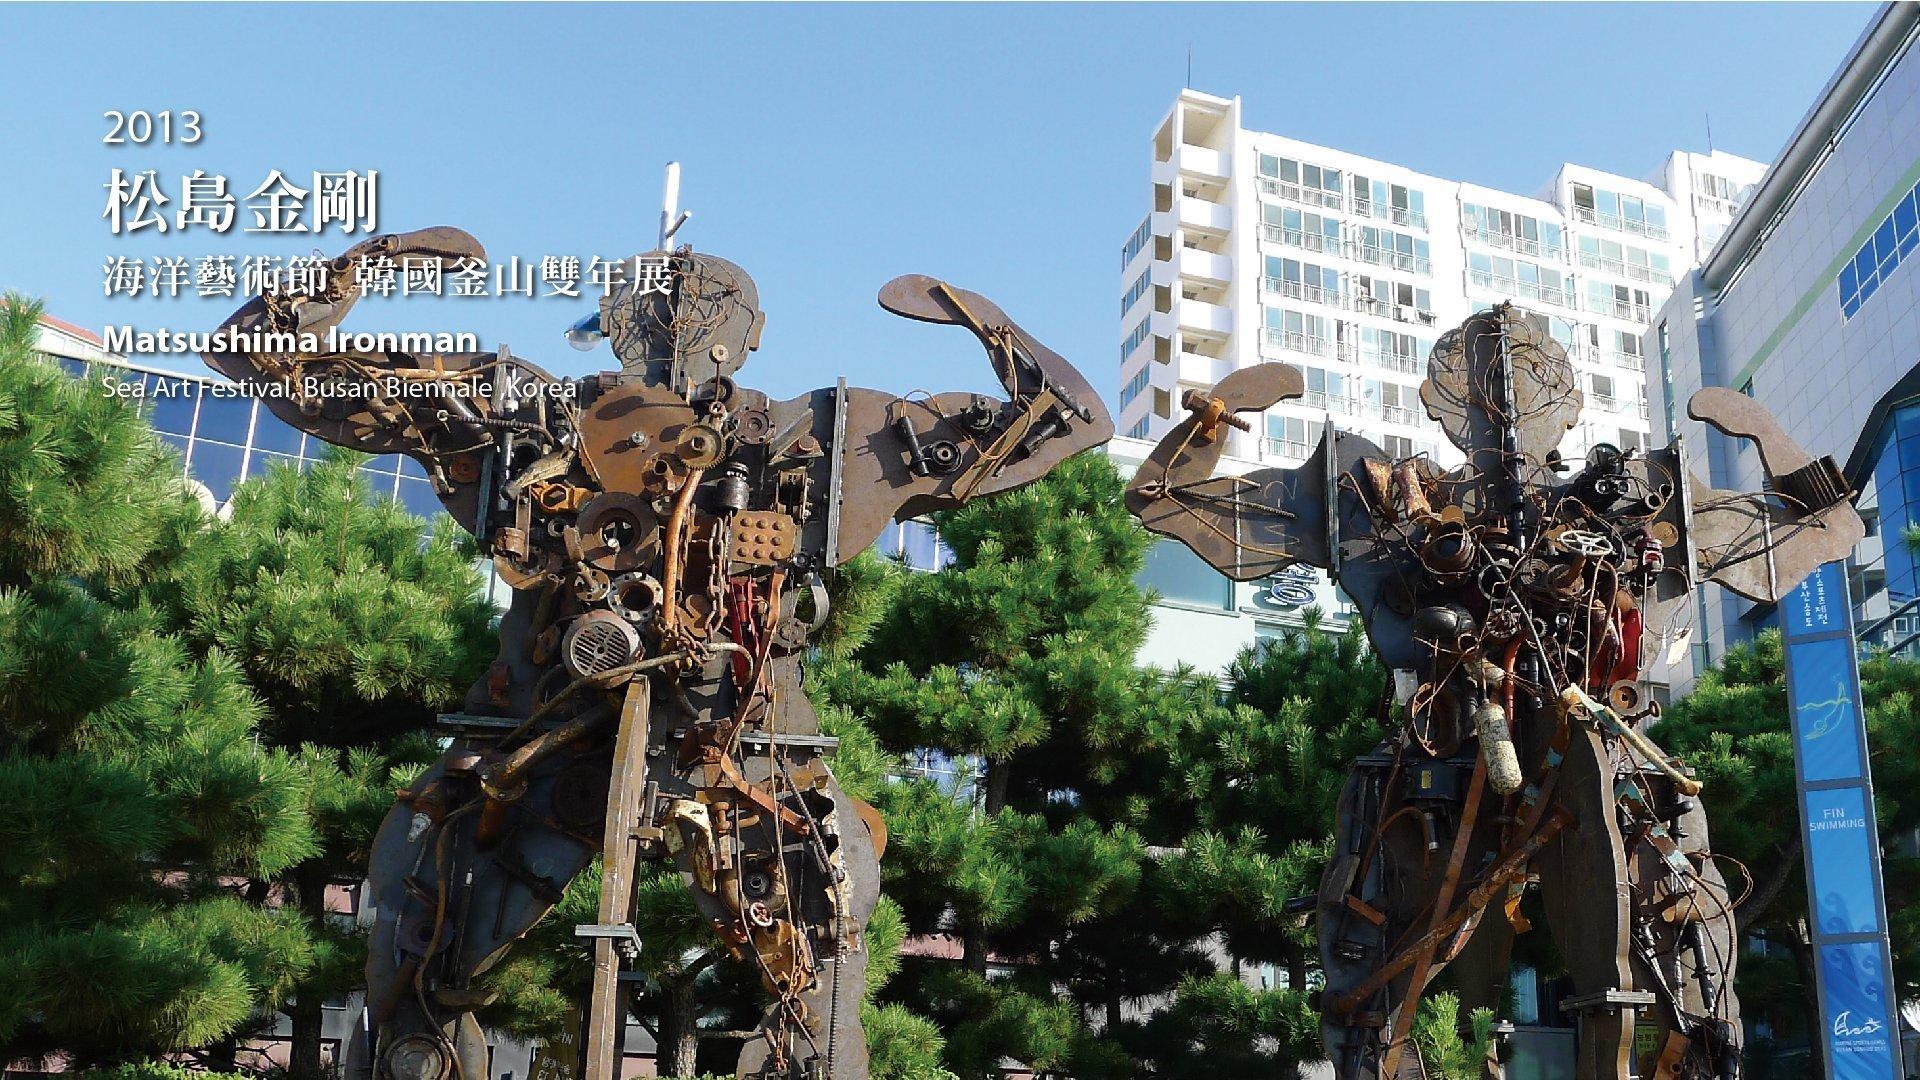 2013 韓國釜山雙年展 海洋藝術節 -